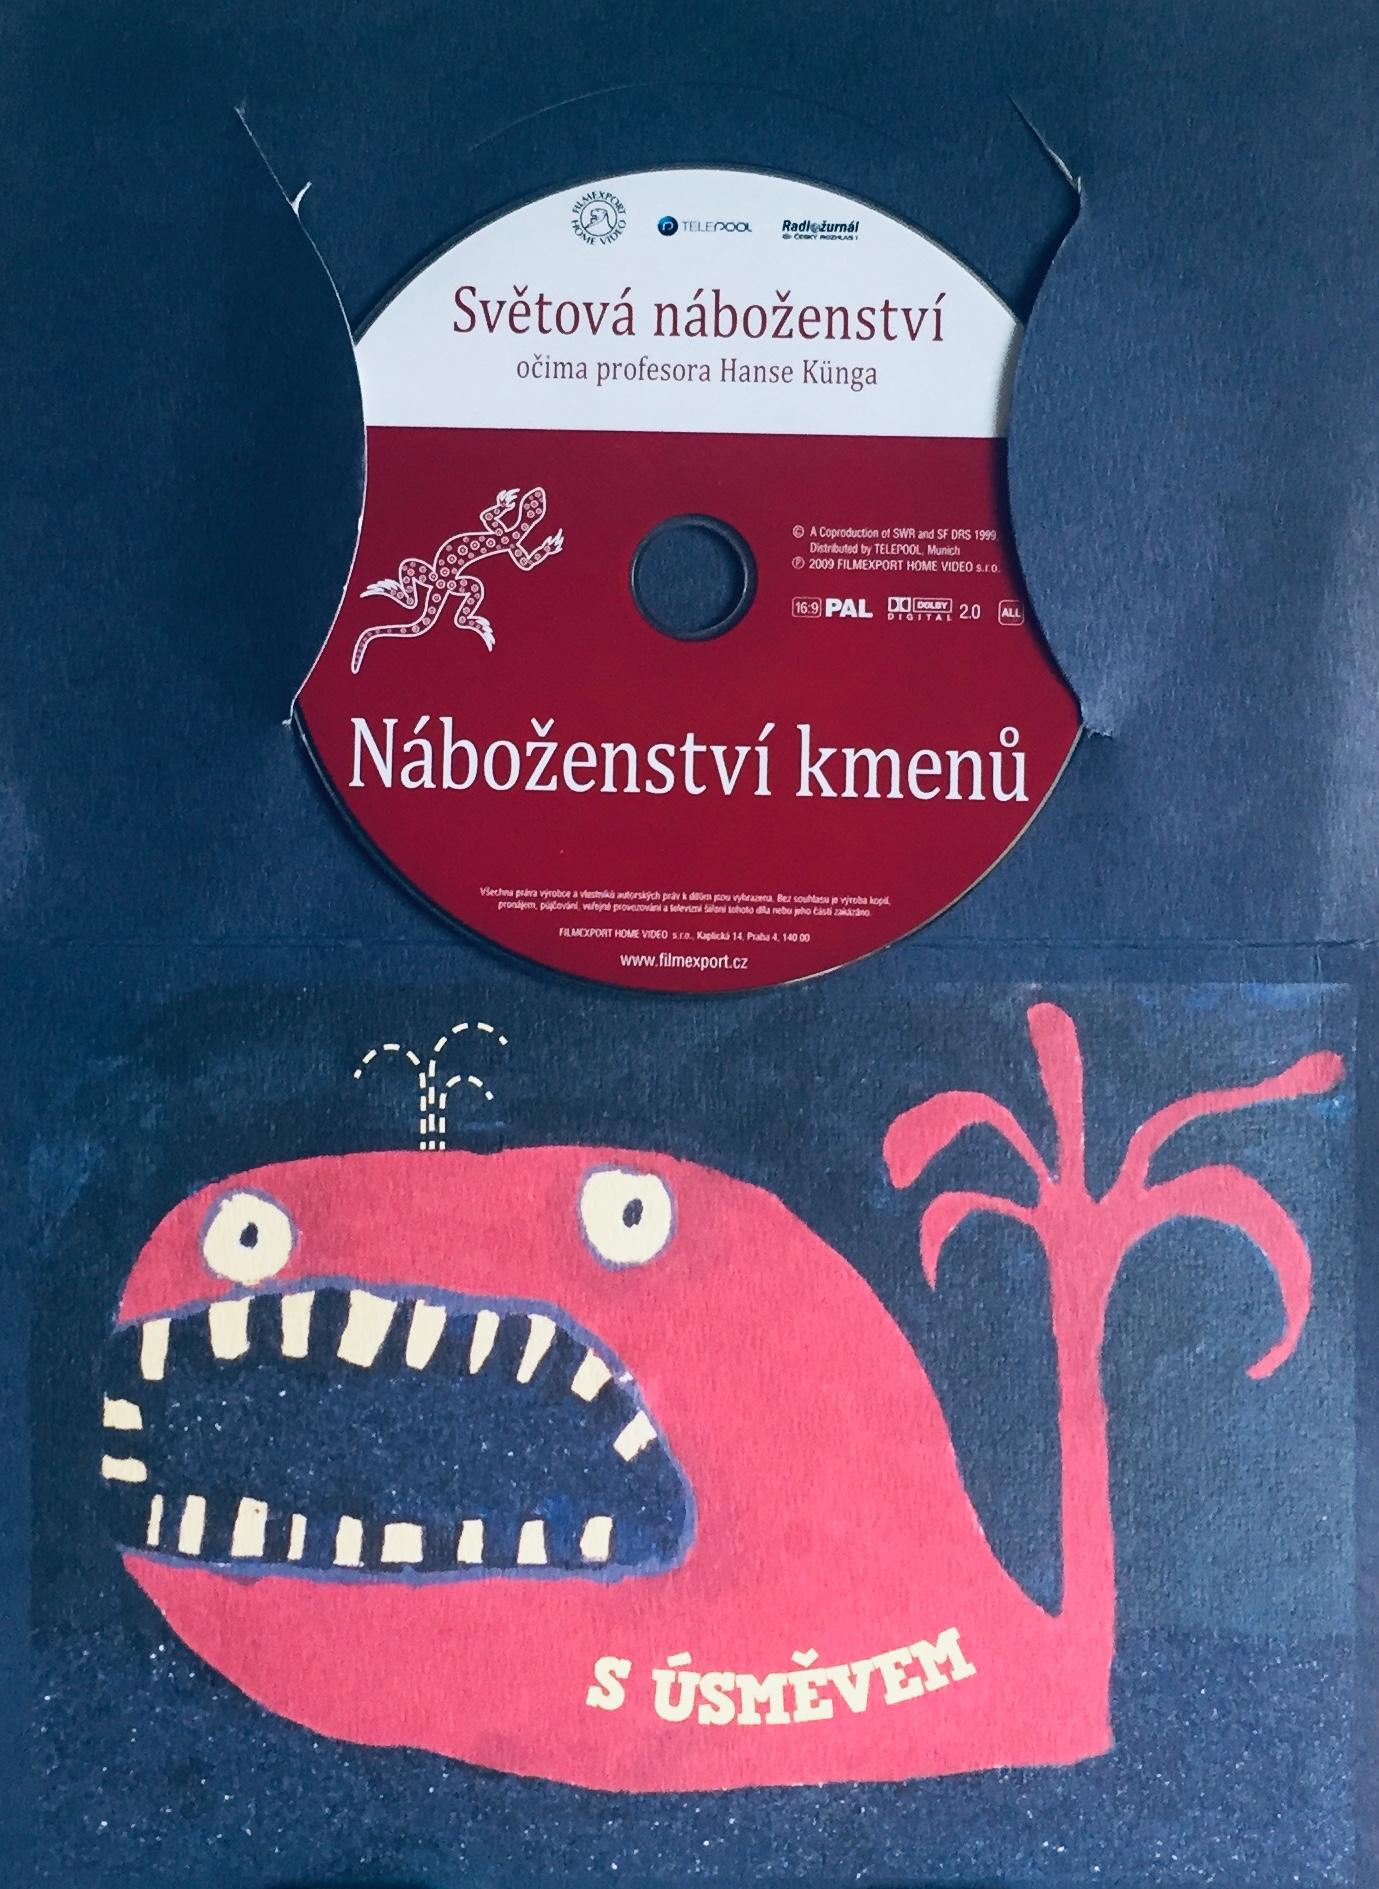 Světová náboženství očima profesora Hanse Künga - Náboženství kmenů - DVD /dárkový obal/